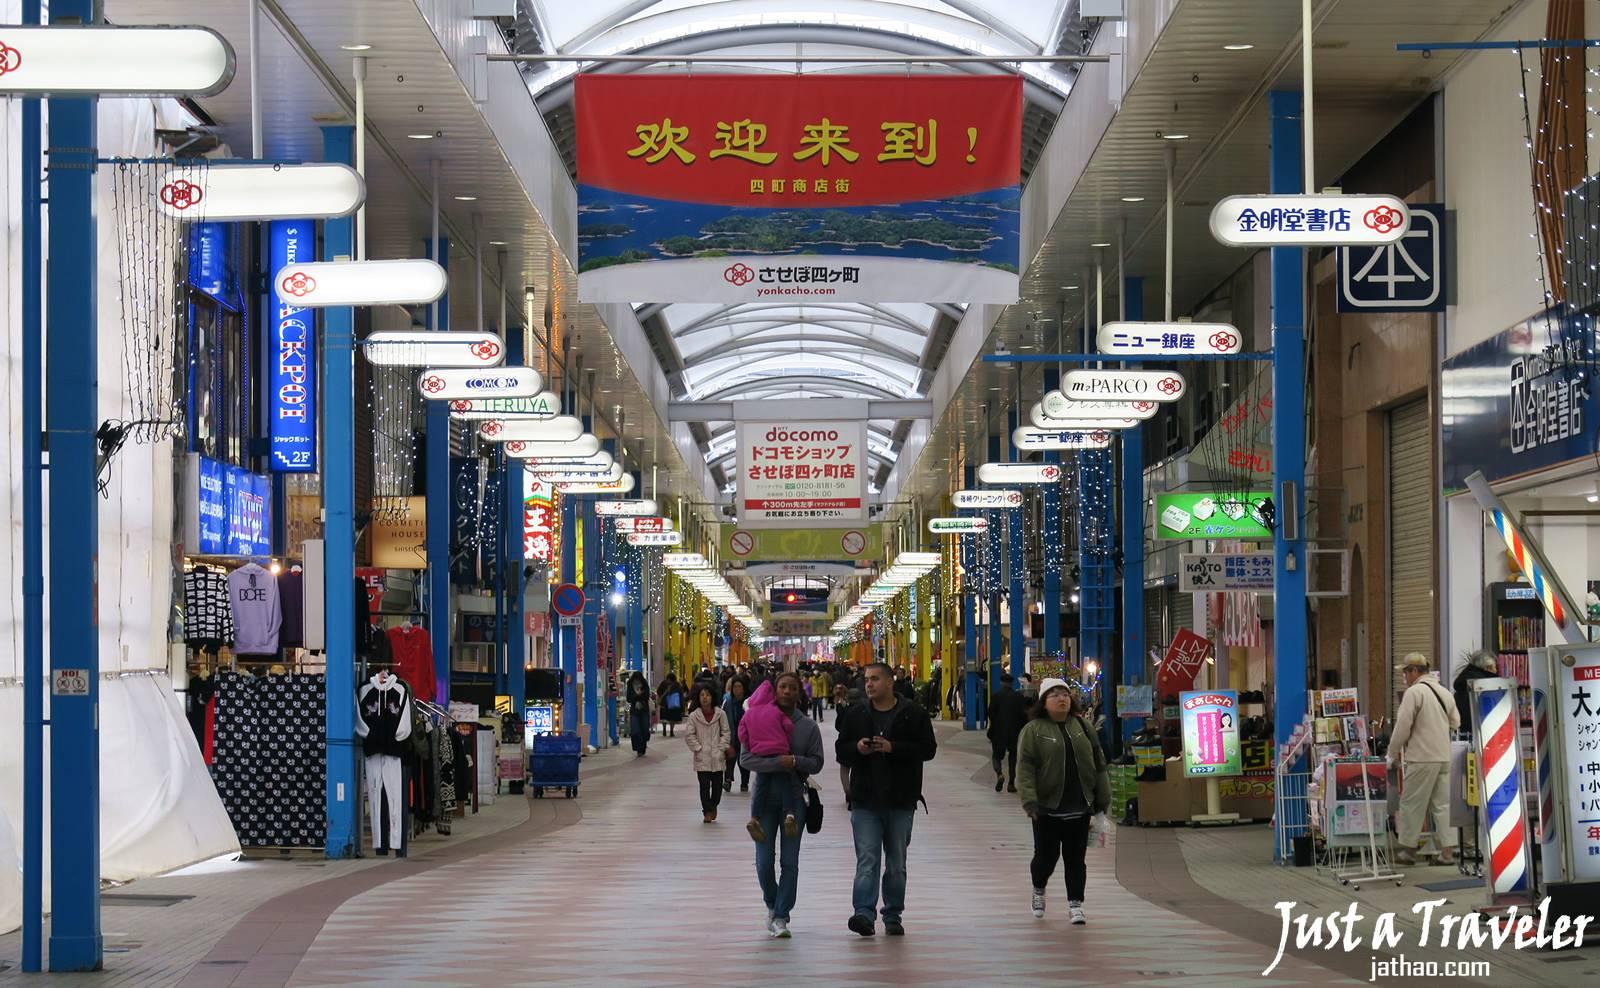 長崎-景點-推薦-佐世保四町商店街-長崎必玩景點-長崎必去景點-長崎好玩景點-市區-攻略-長崎自由行景點-長崎旅遊景點-長崎觀光景點-長崎行程-長崎旅行-日本-Nagasaki-Tourist-Attraction